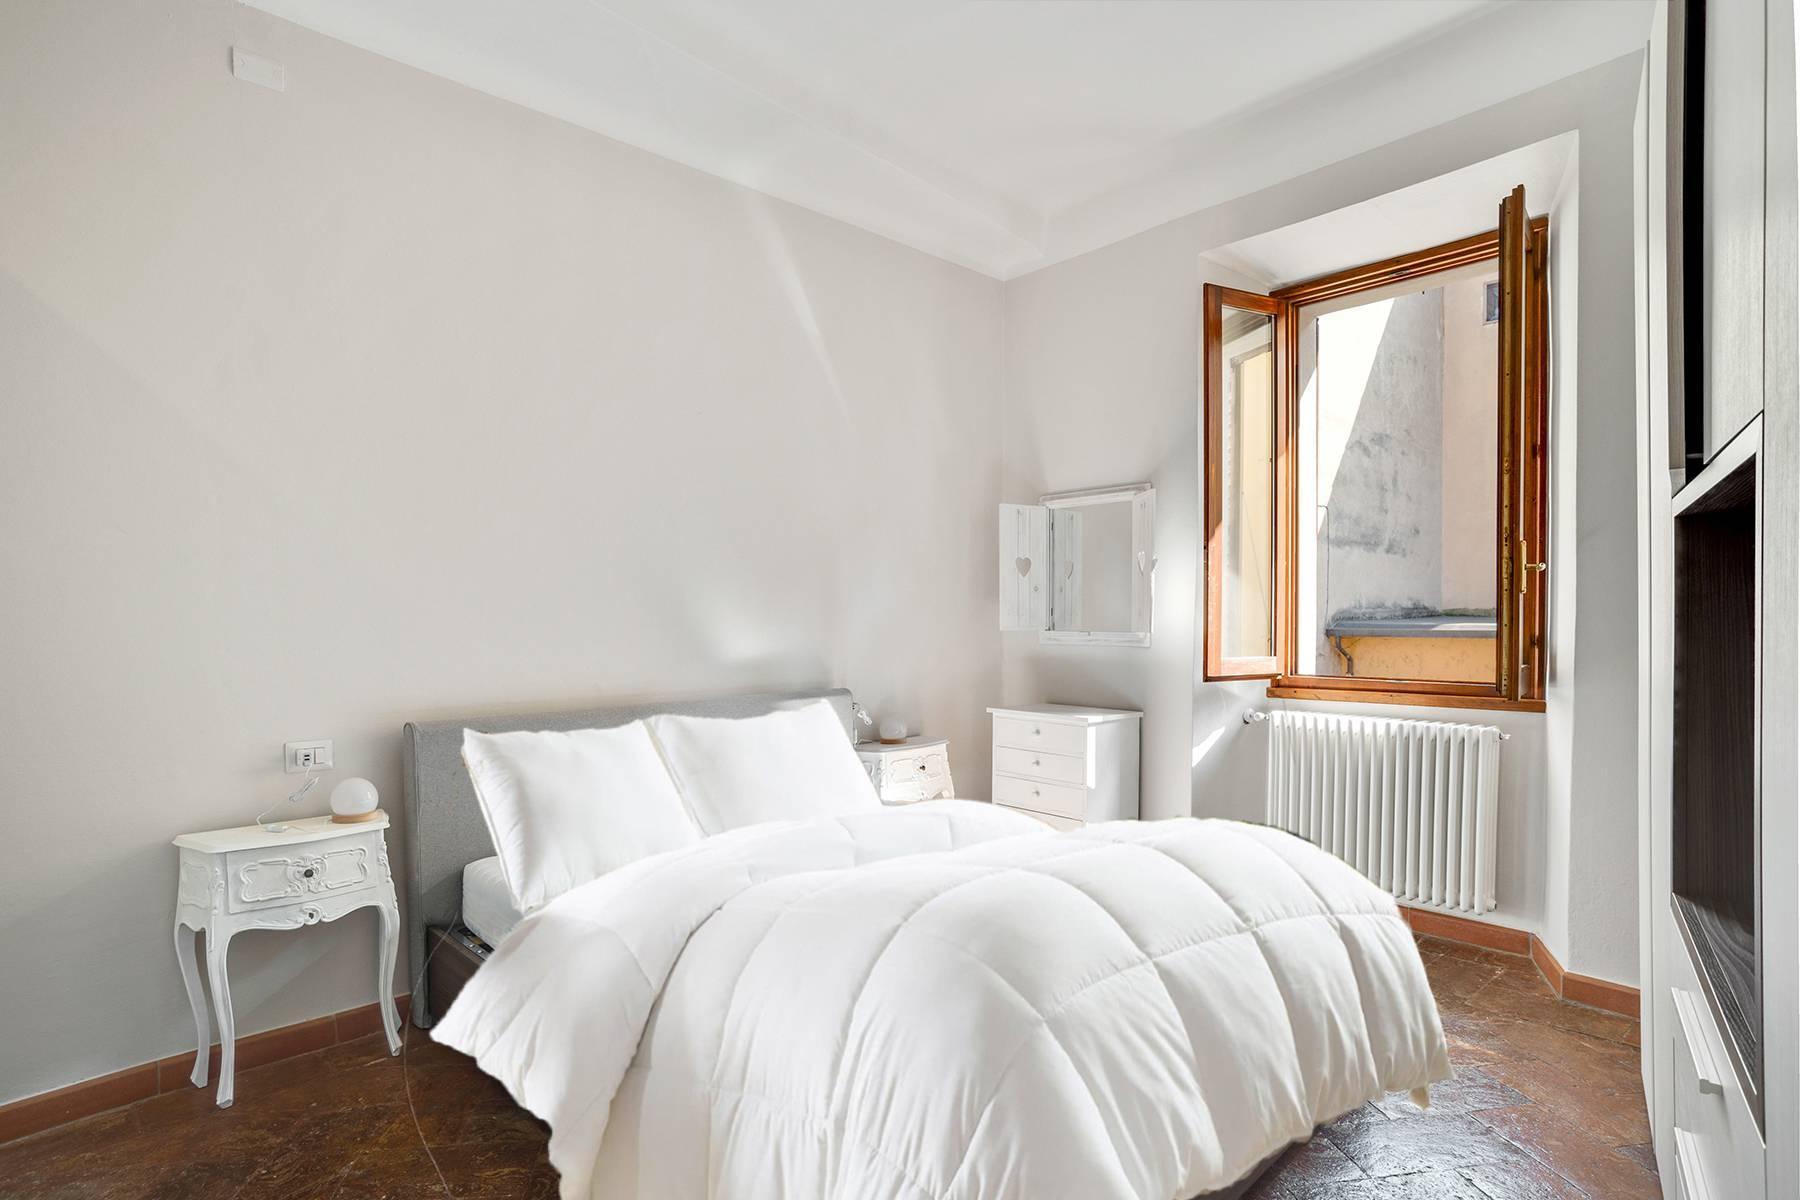 Elegante e soleggiato appartamento nel cuore di Arona - 16